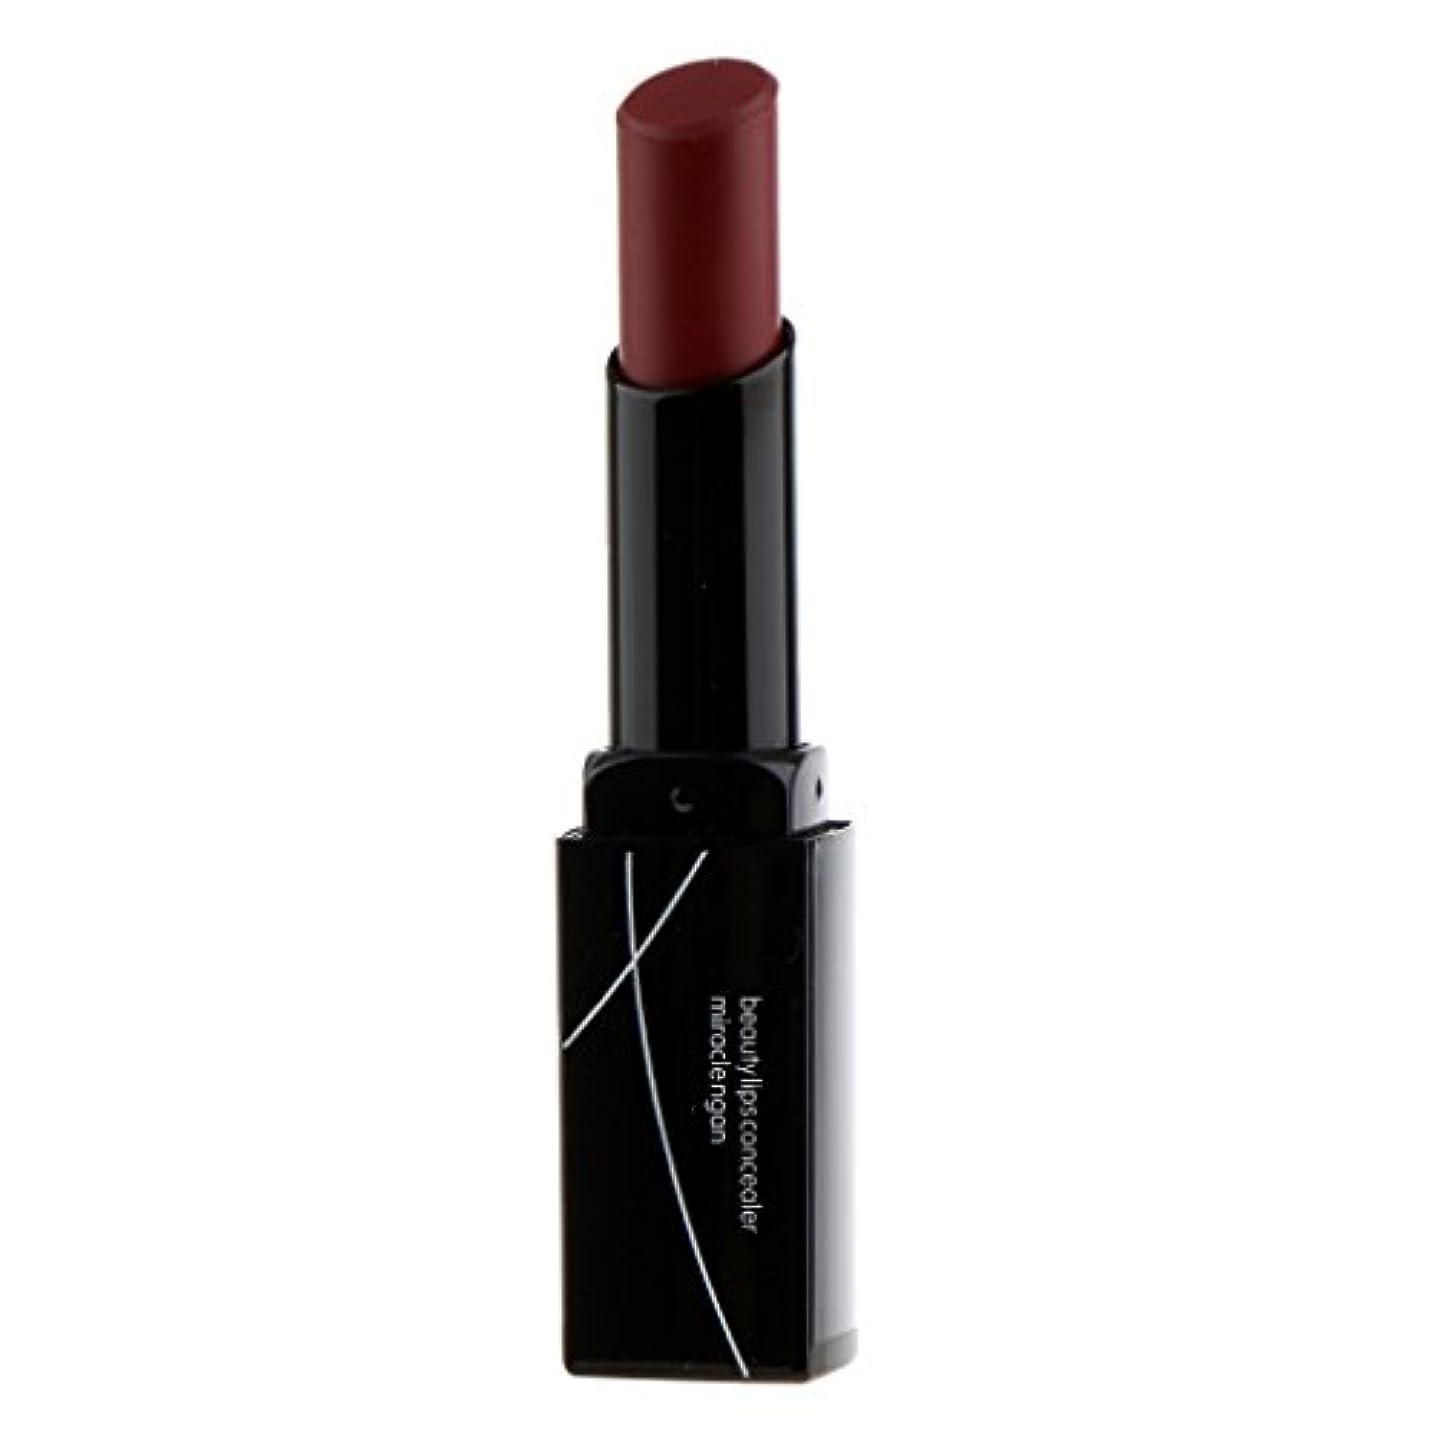 以内にシェル教師の日T TOOYFUL 女性マットベルベットヌード鉛筆口紅リップグロス防水永続的なメイク - 暗赤色